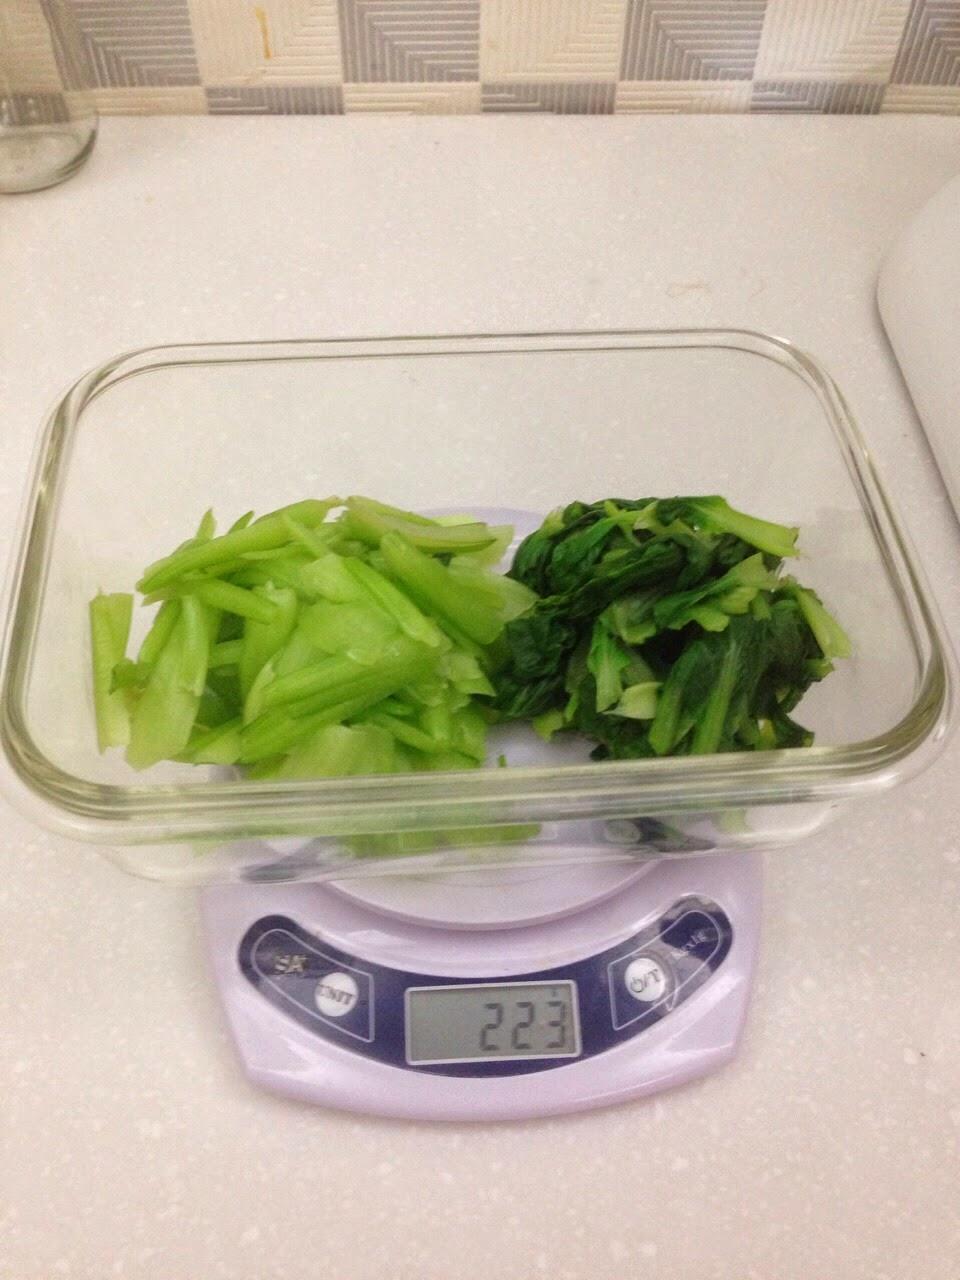 謙瑜營養飲食學堂: 青江菜:廢棄率 15%,收縮率 13%